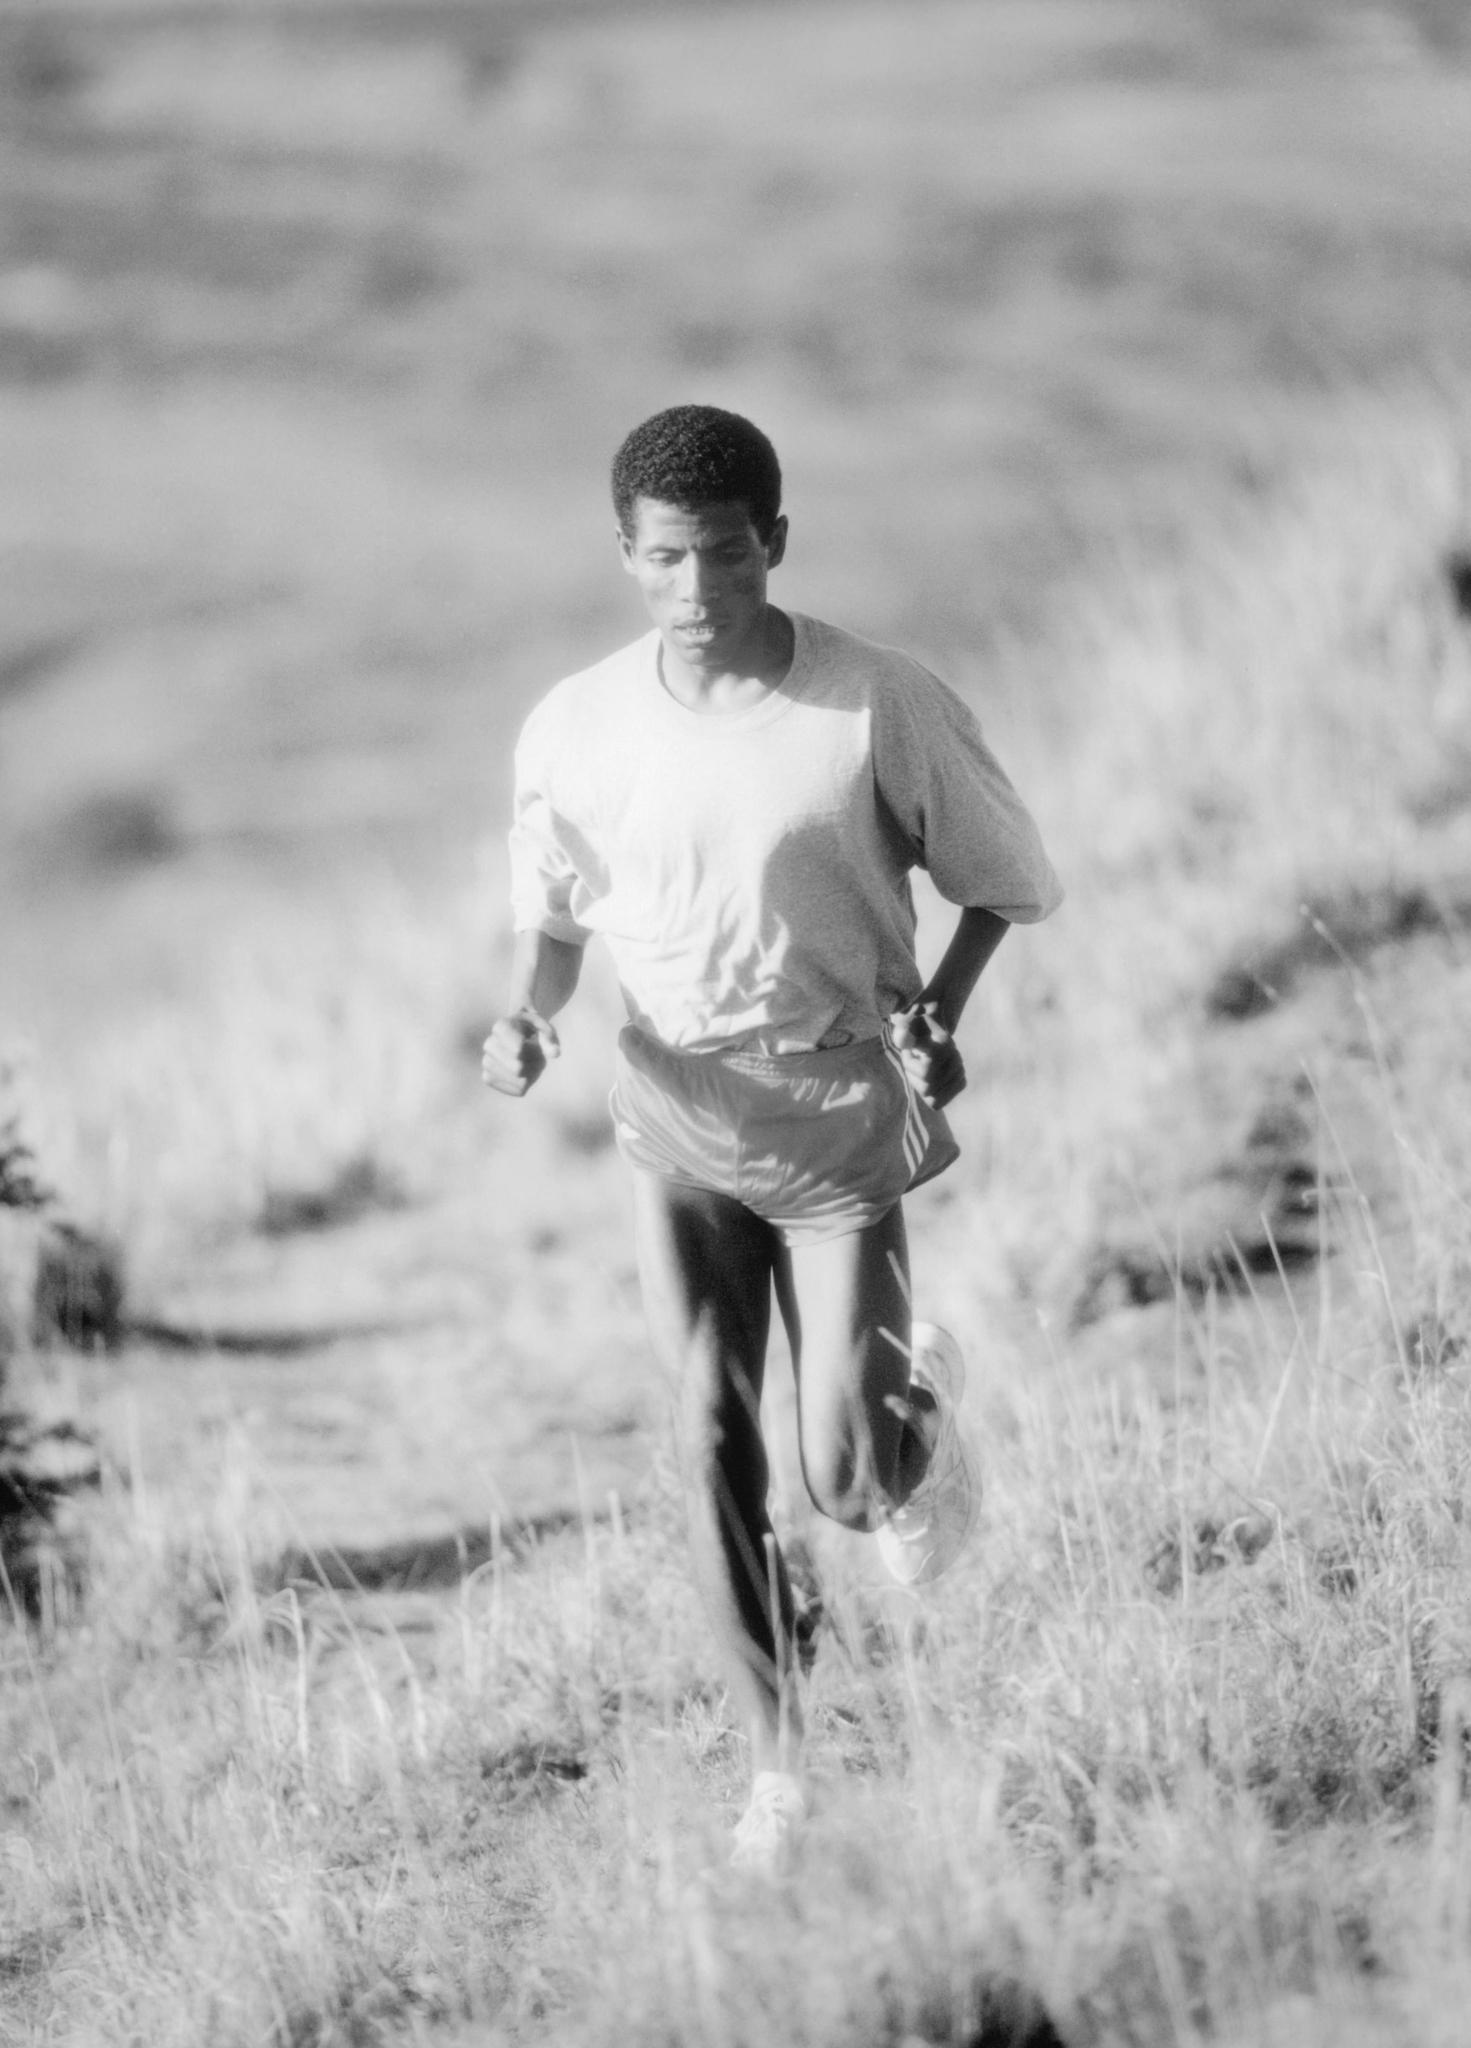 Haile Gebrselassie in Endurance (1998)